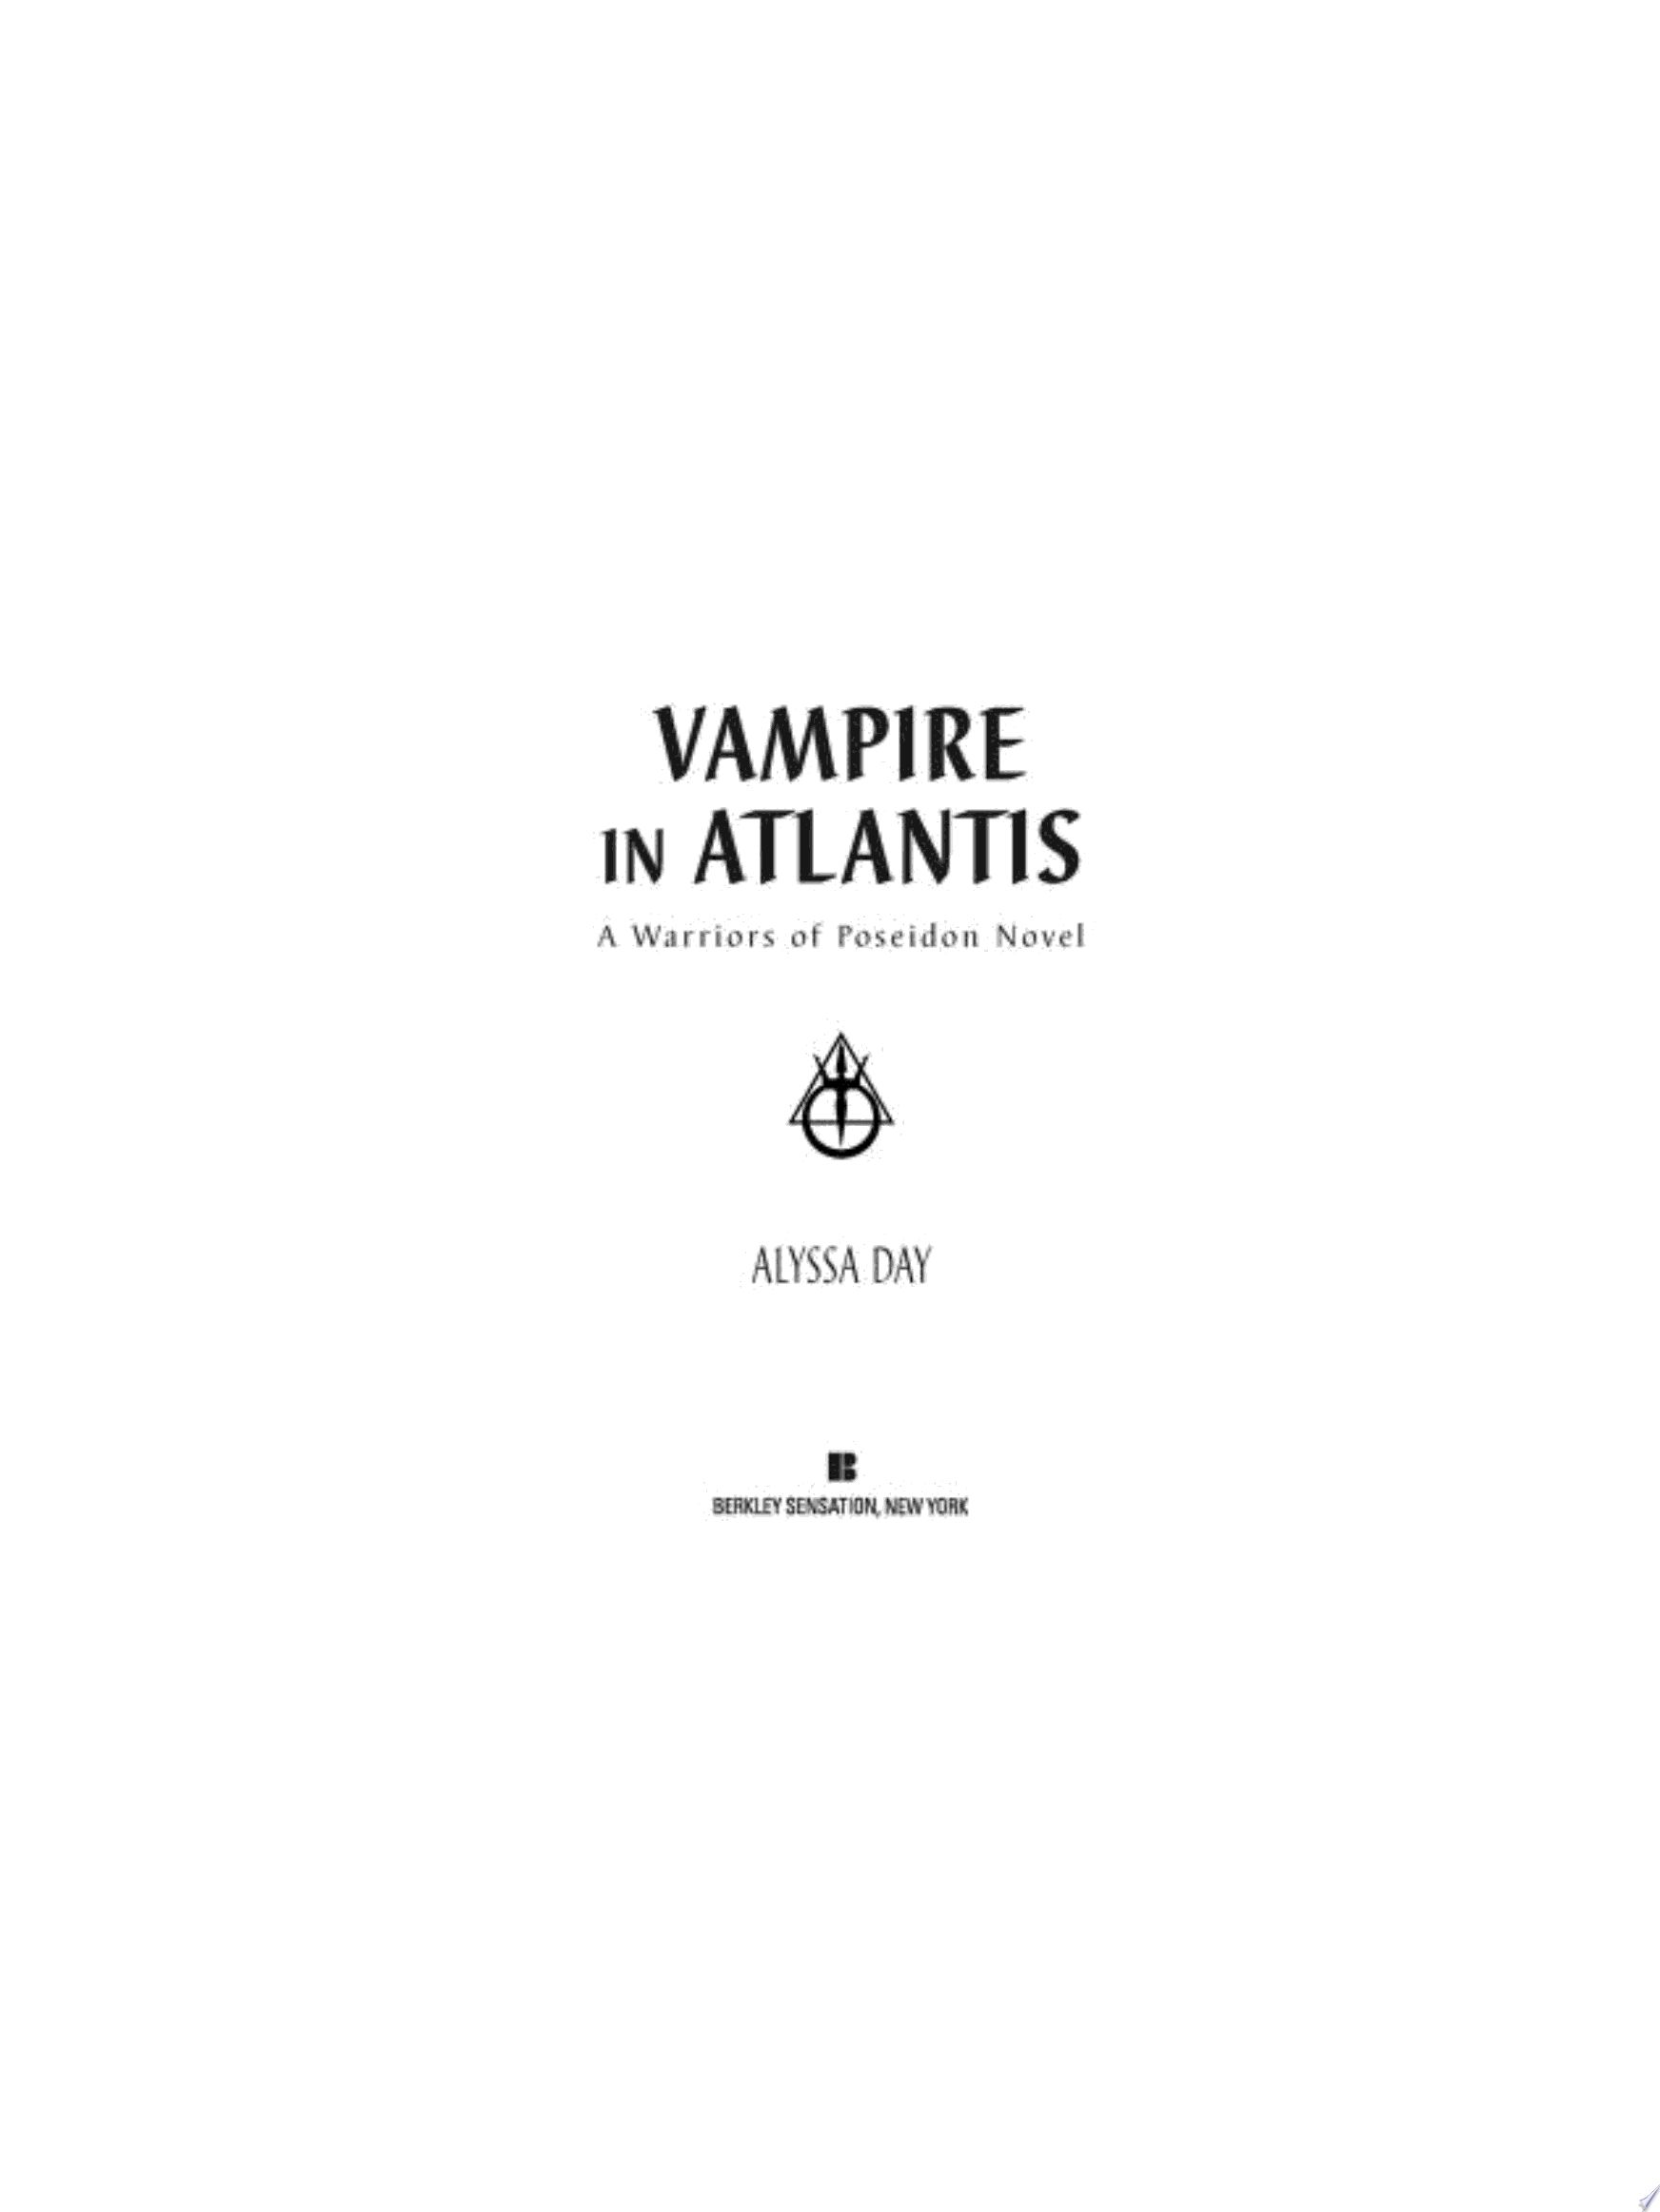 Vampire in Atlantis